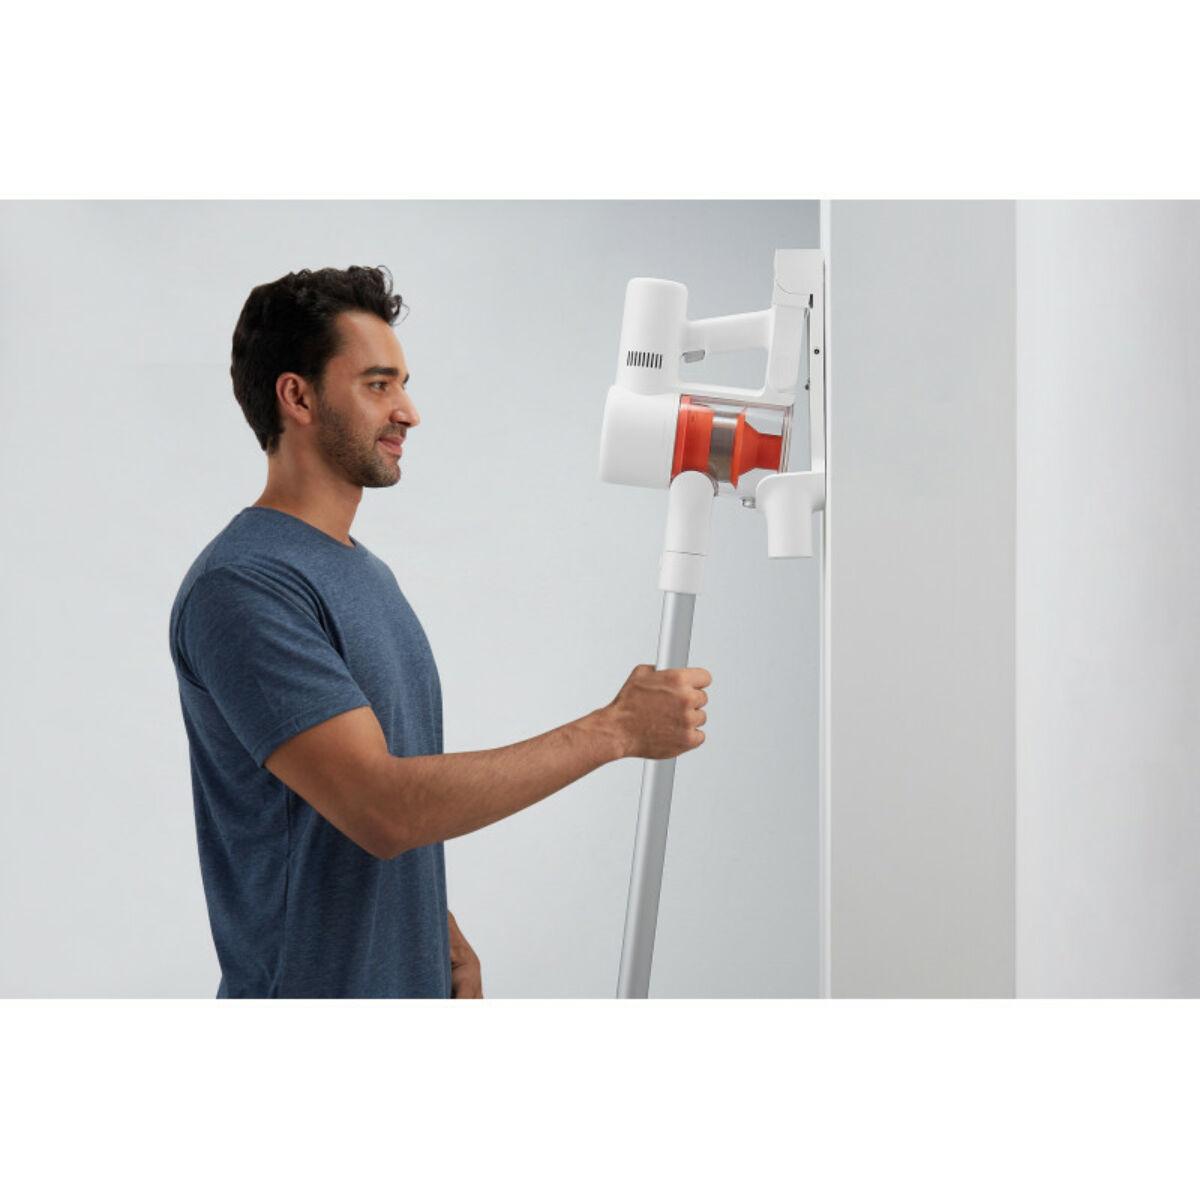 Xiaomi Vacuum Cleaner Mi Handheld Cordless G10, vezeték nélküli porszívó EU